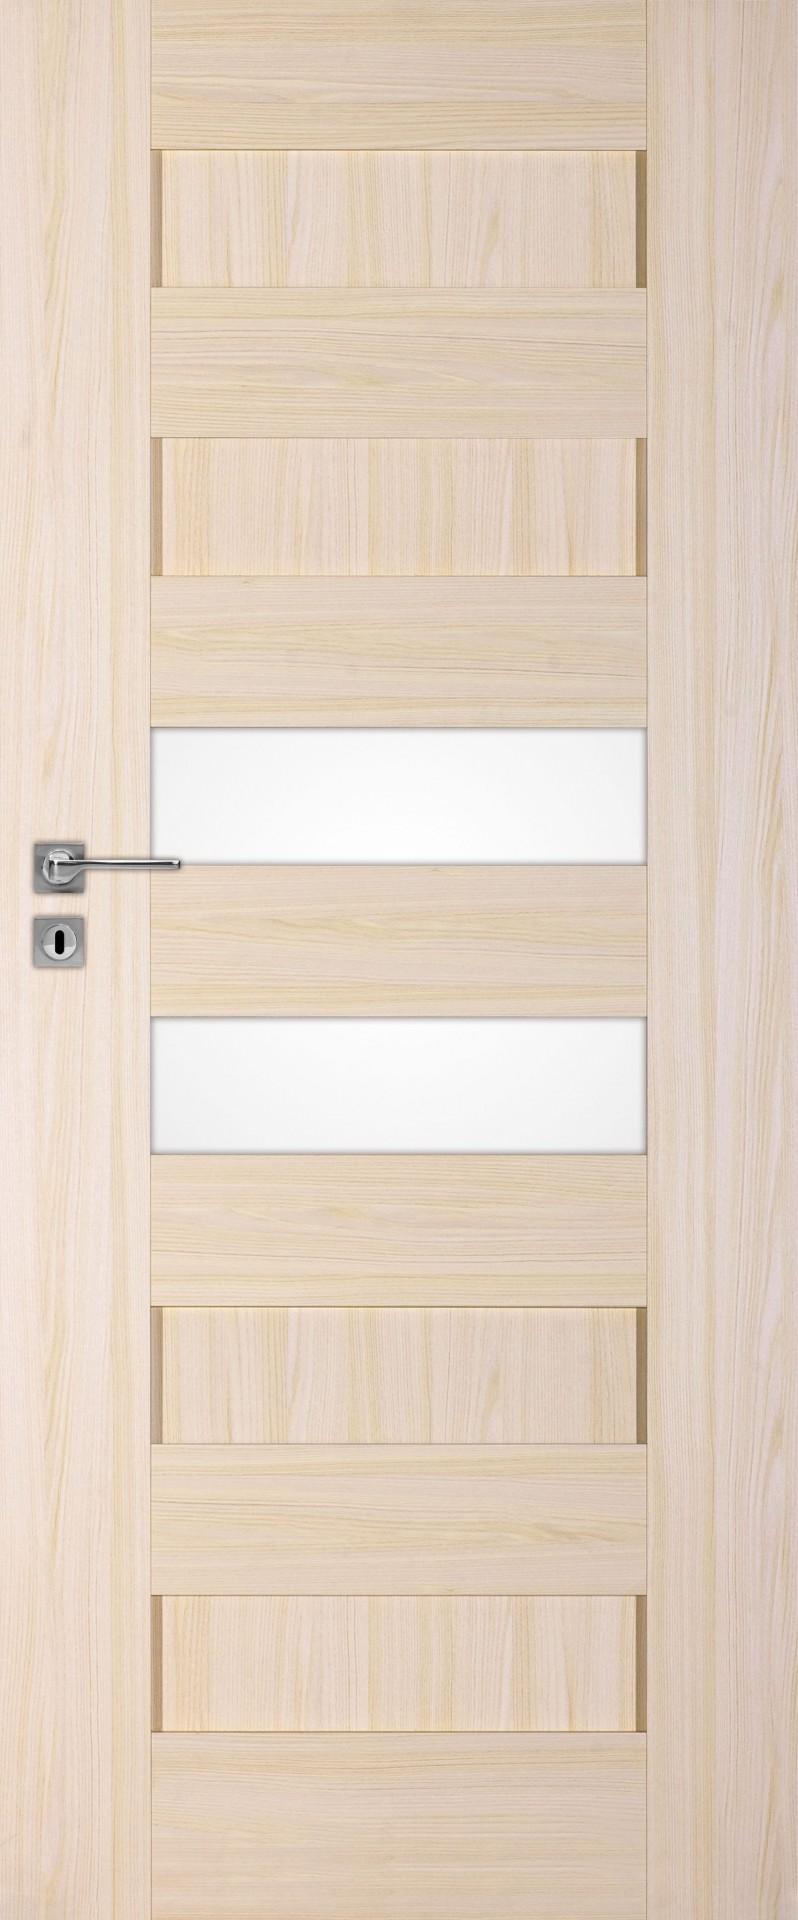 Dre dveře SCALA A6, Šíře v cm 60